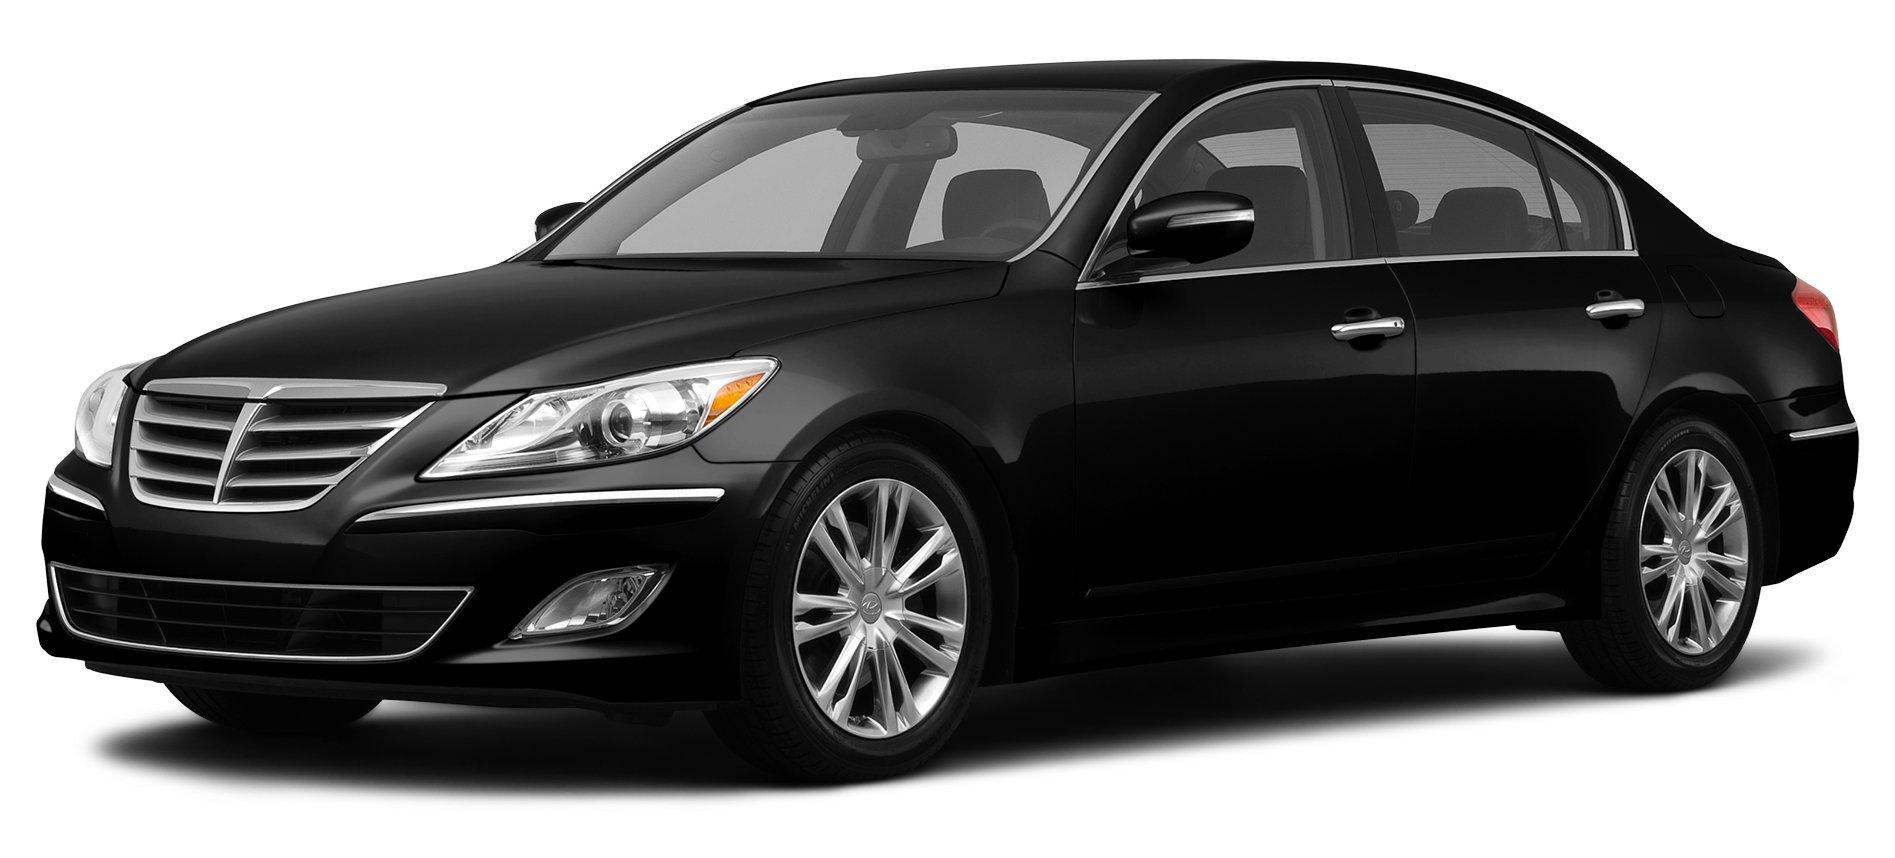 ... 2012 Hyundai Genesis 3.8L, 4-Door Sedan V6 ...